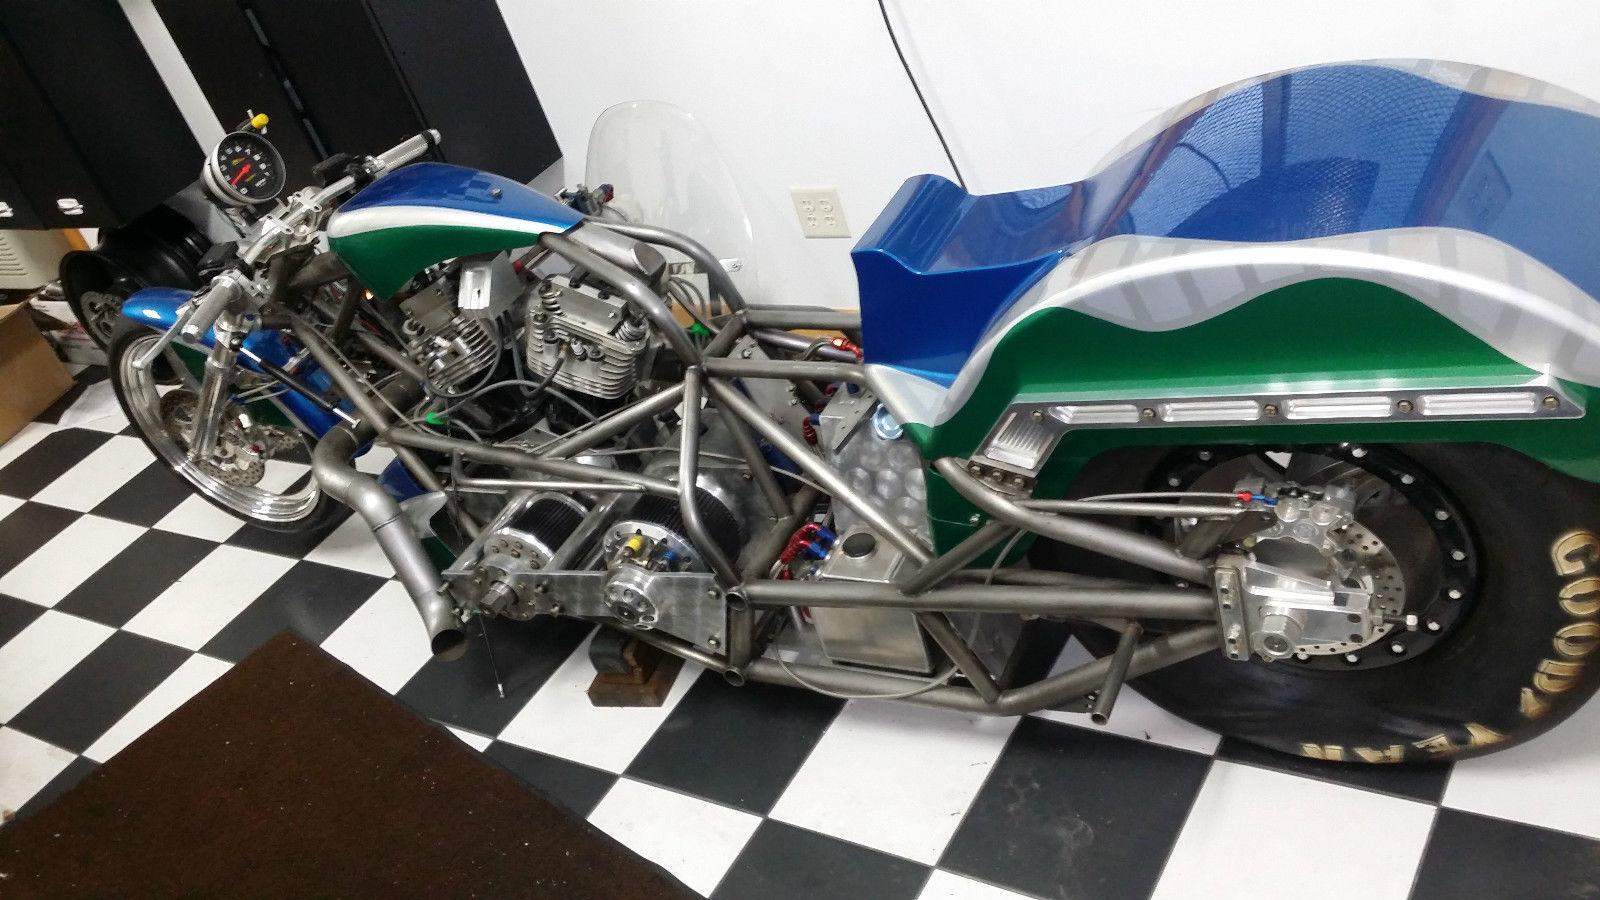 2004 Custom Built Harley Davidson Top Fuel Dragbike For Sale